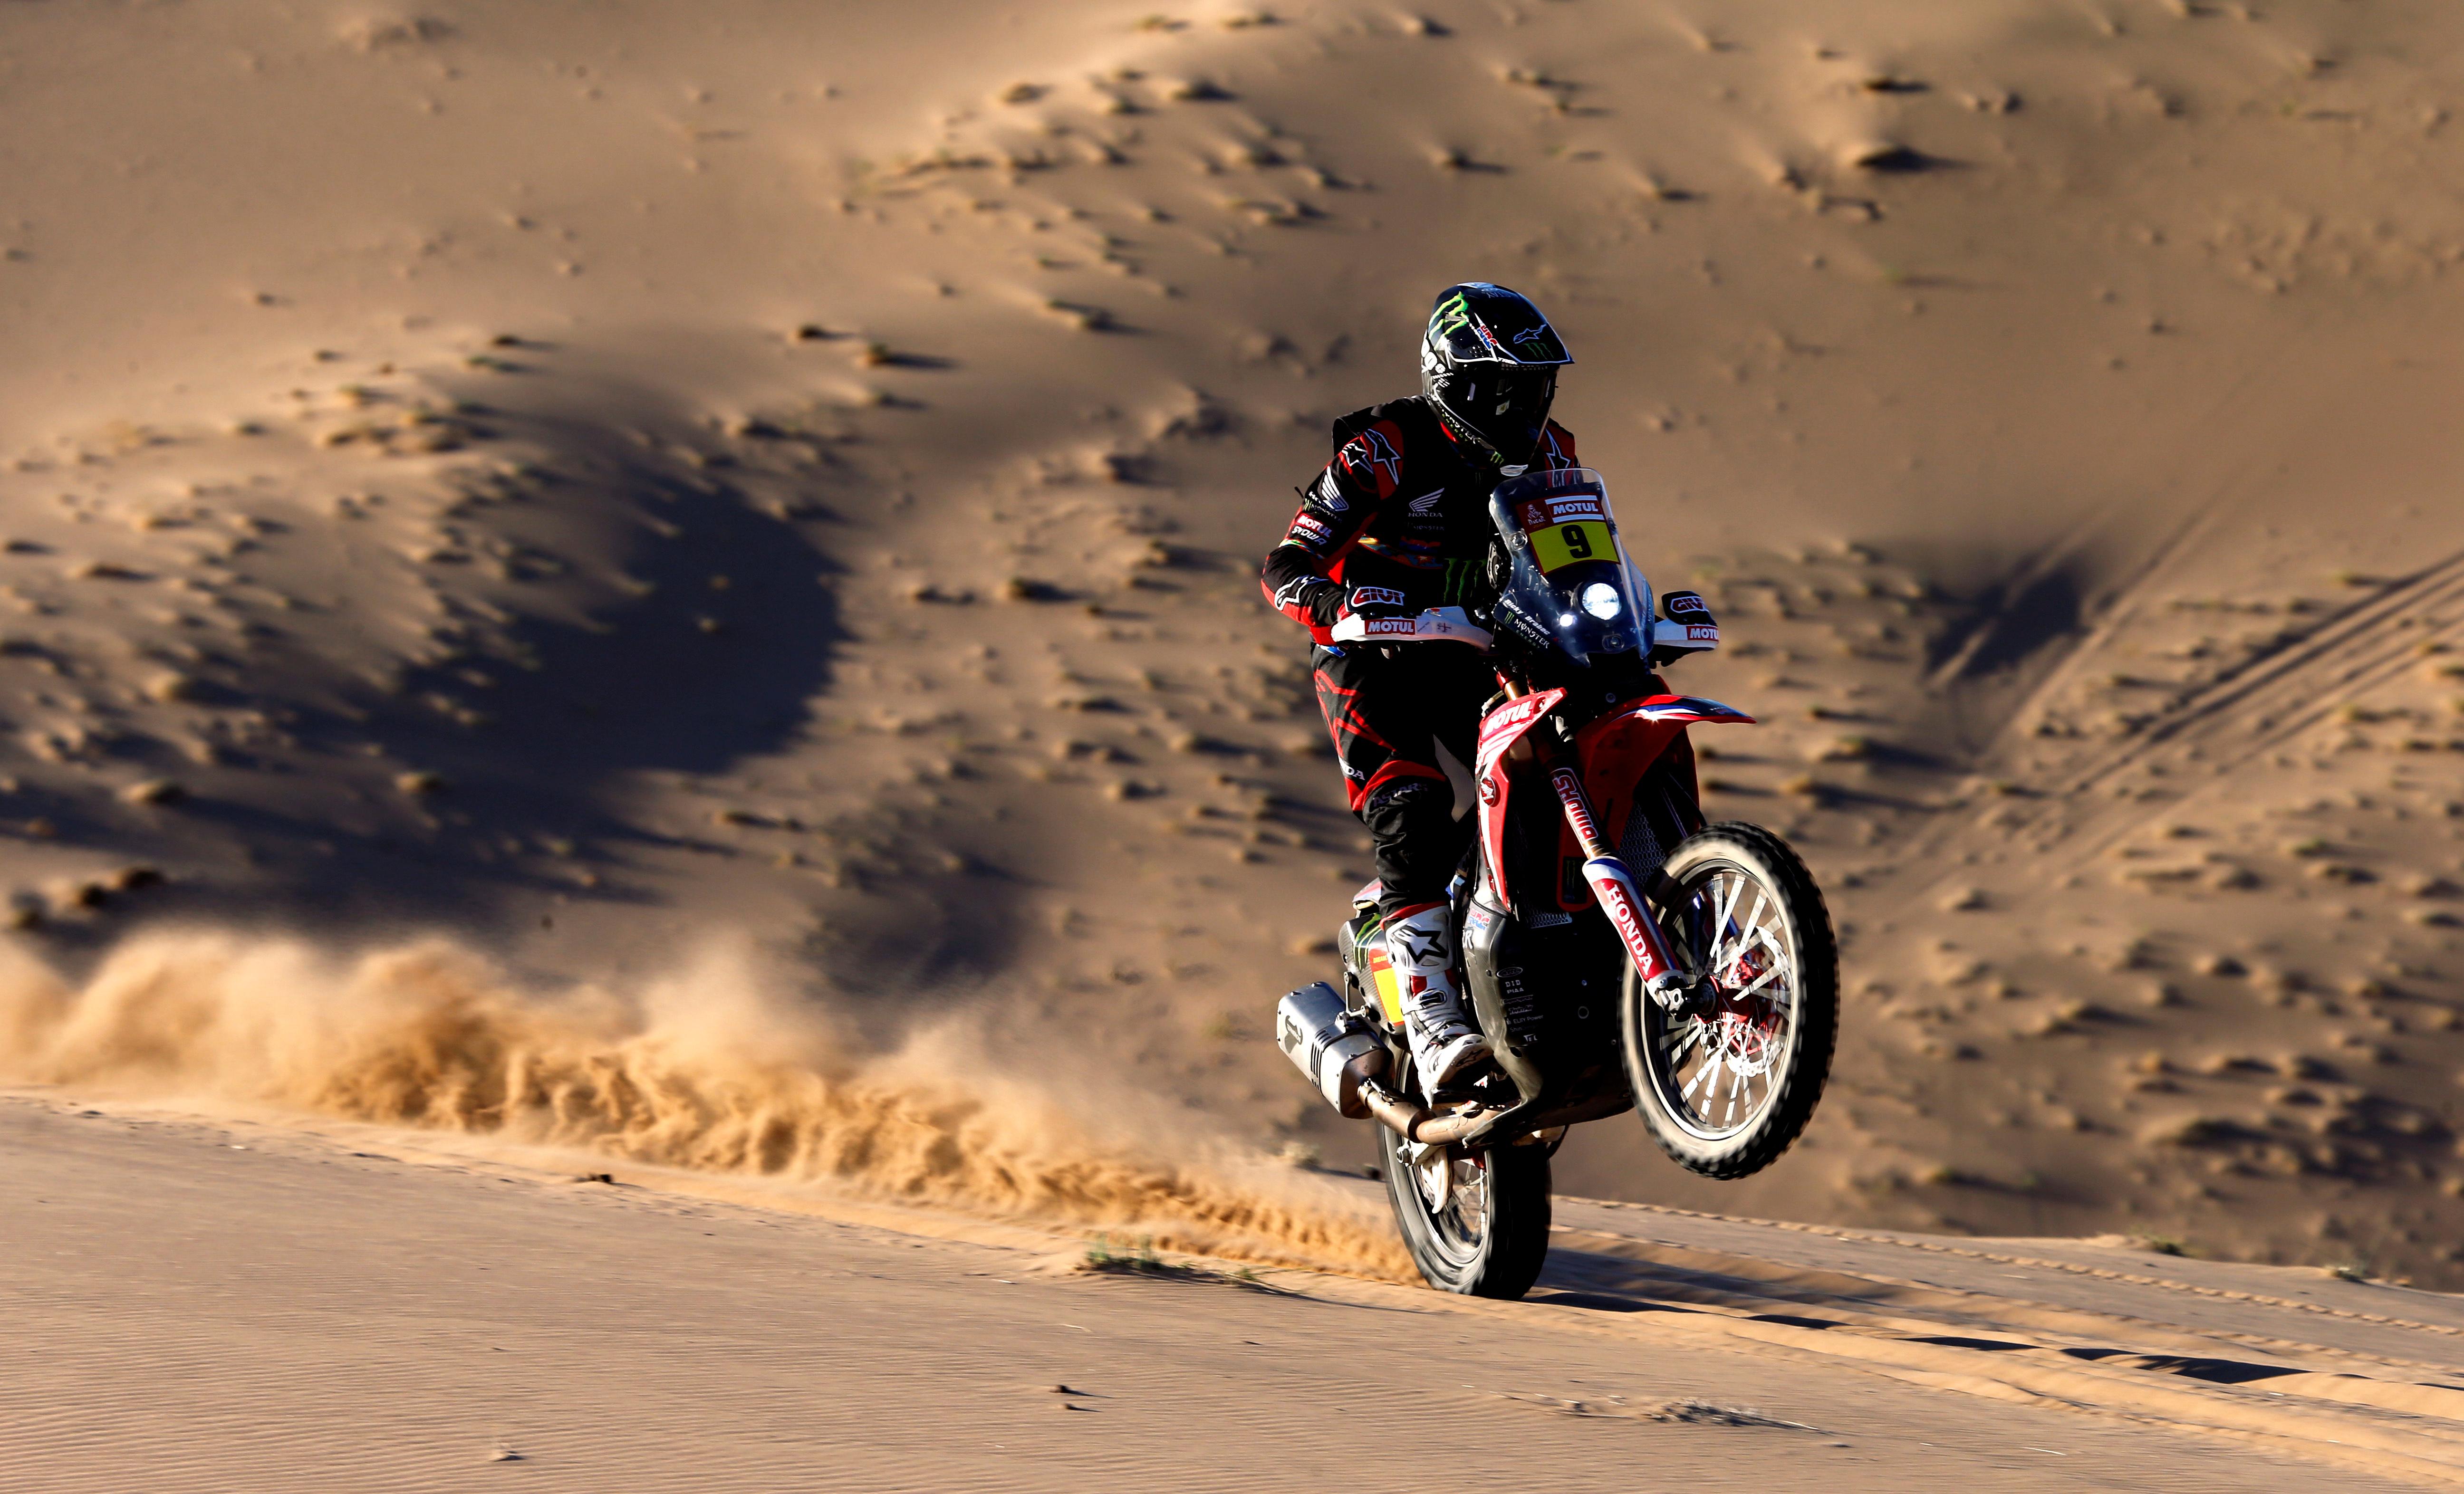 Ricky Brabec (Honda) se impuso con facilidad en la tercera etapa y se hizo con el liderato de la clasificación general en la categoría de motos